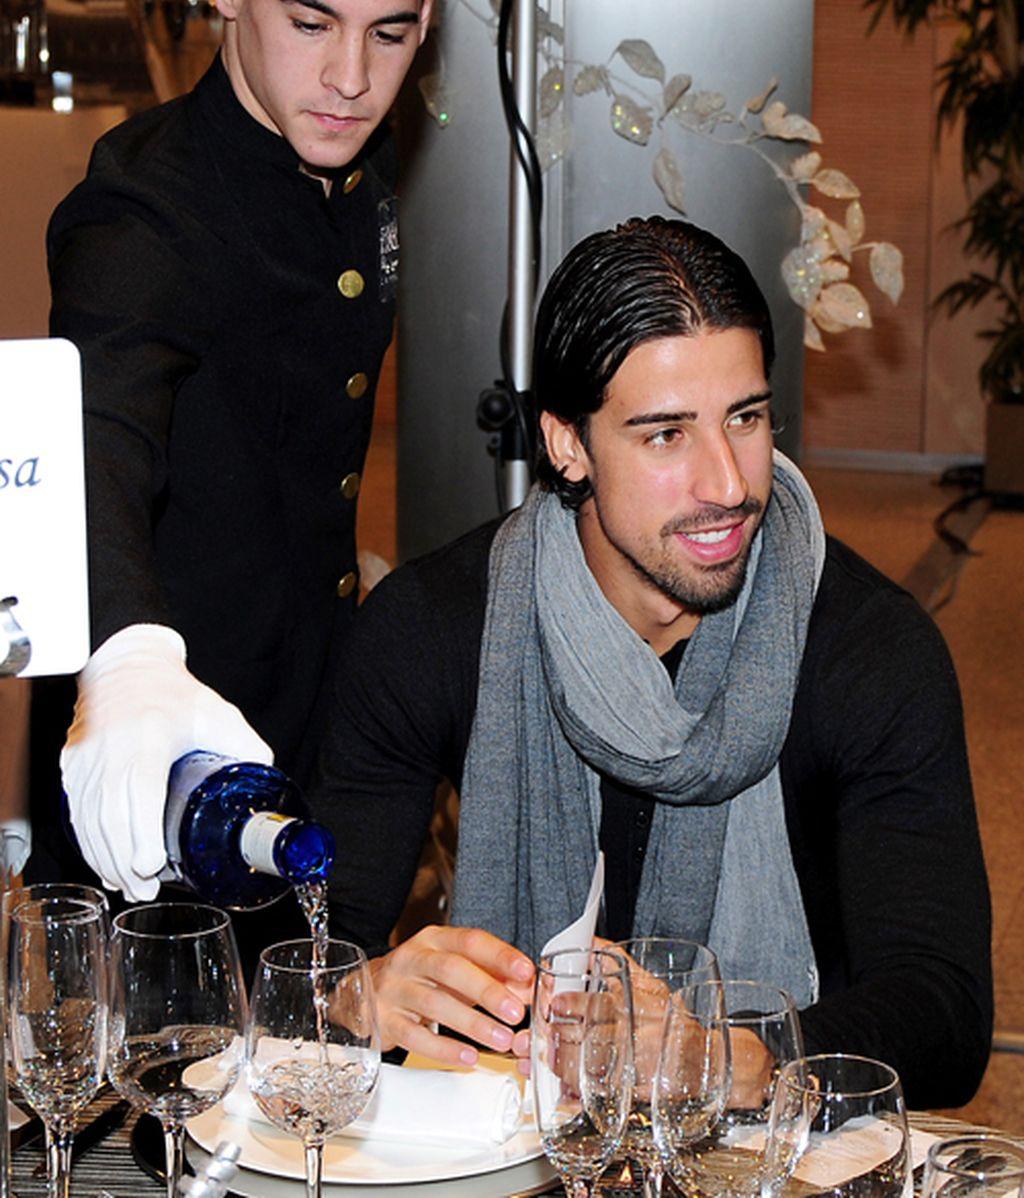 El Madrid se va de cena: ¿a quién te pides para Reyes?